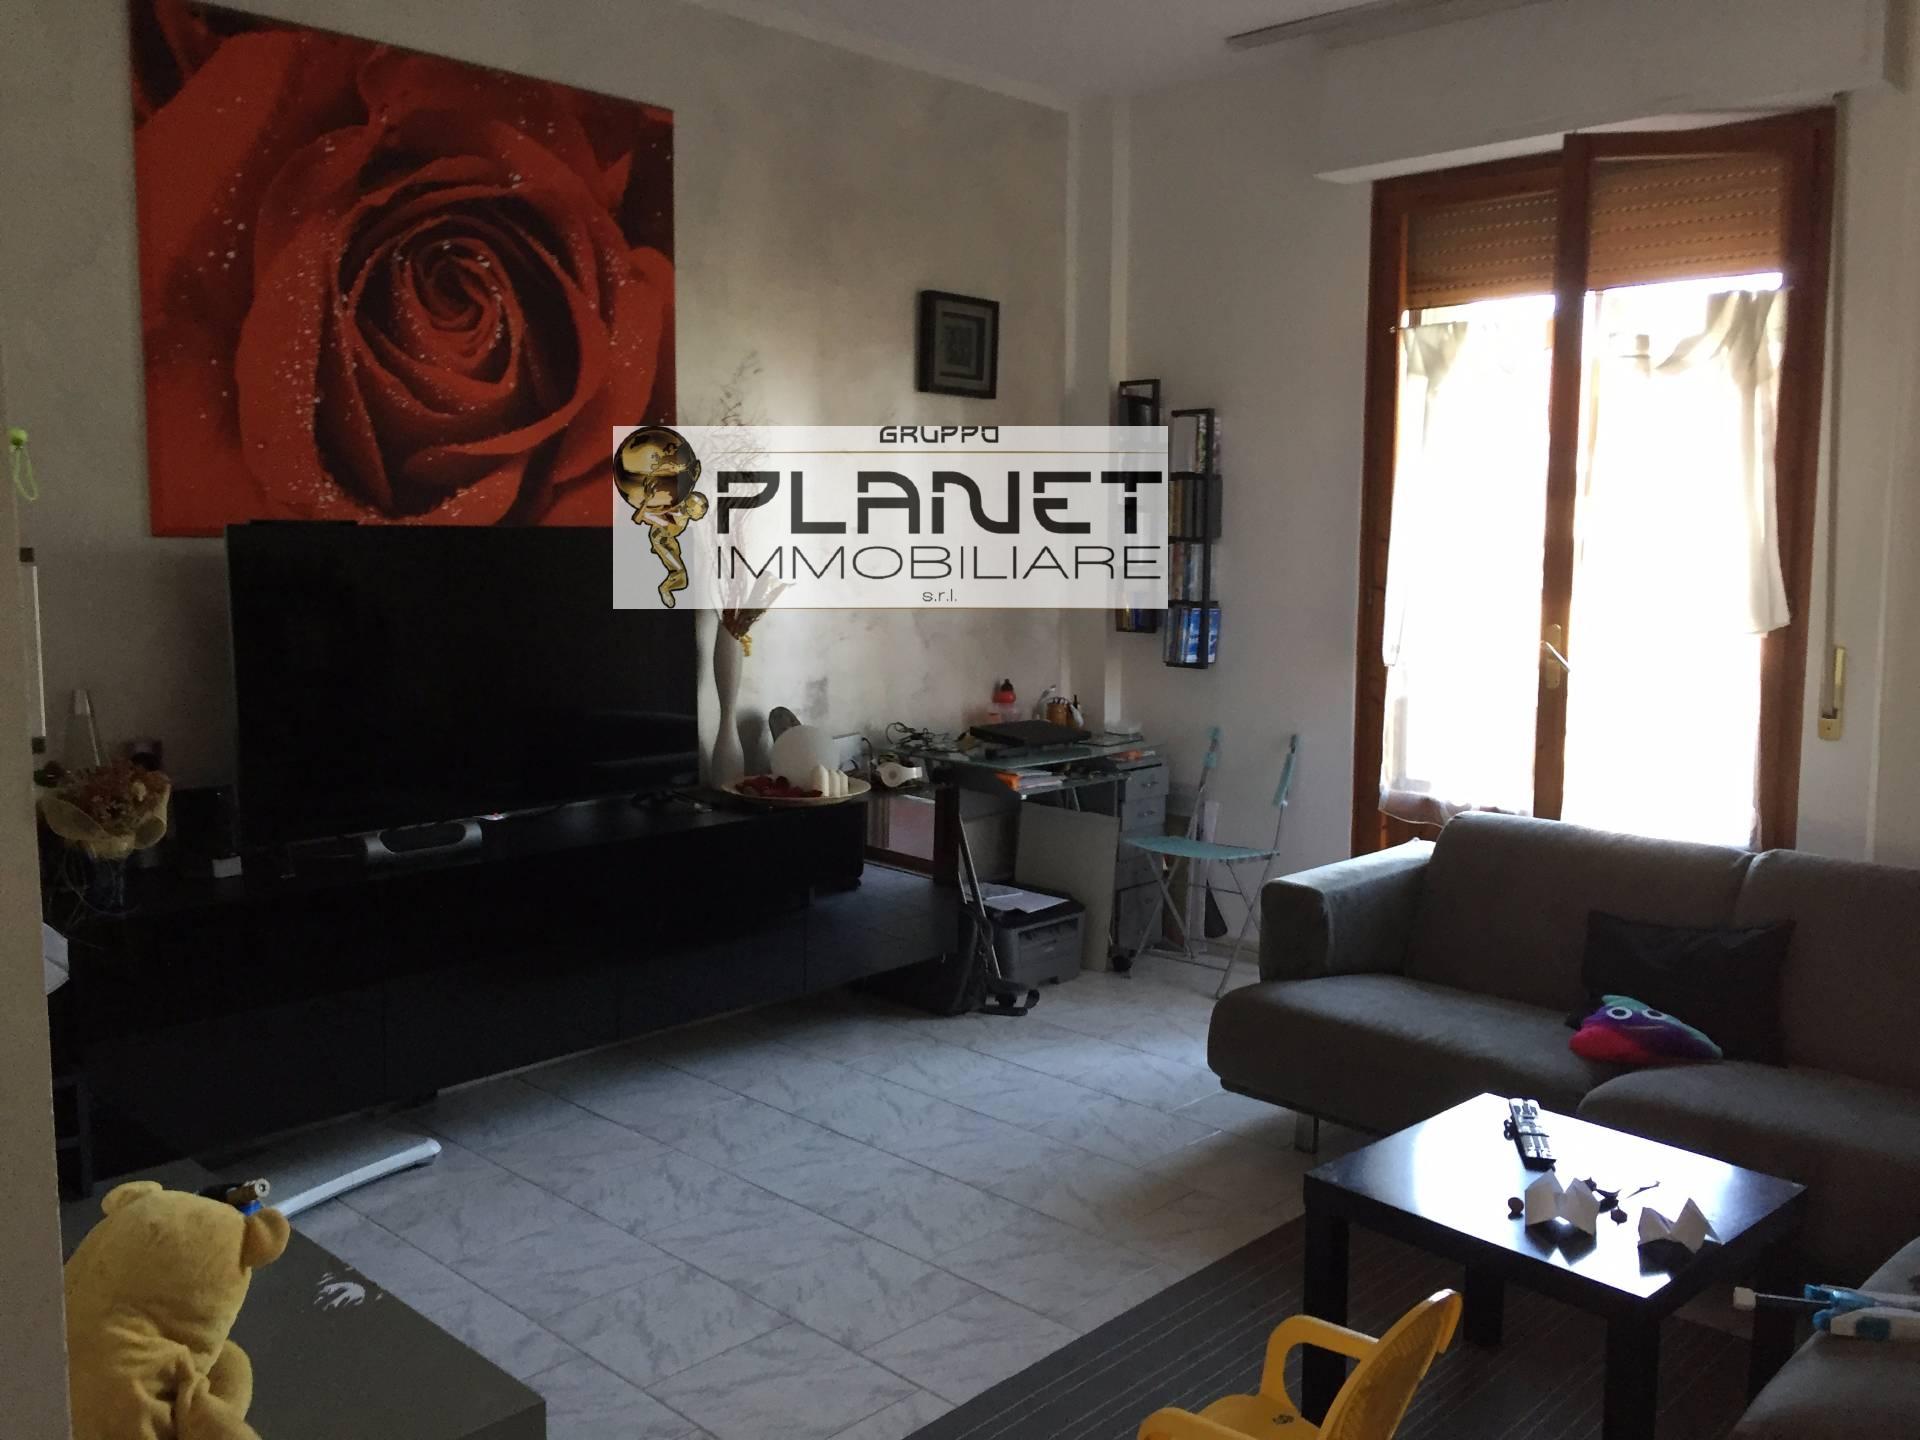 Appartamento in vendita a Arezzo, 3 locali, zona Località: arezzo, prezzo € 140.000   CambioCasa.it